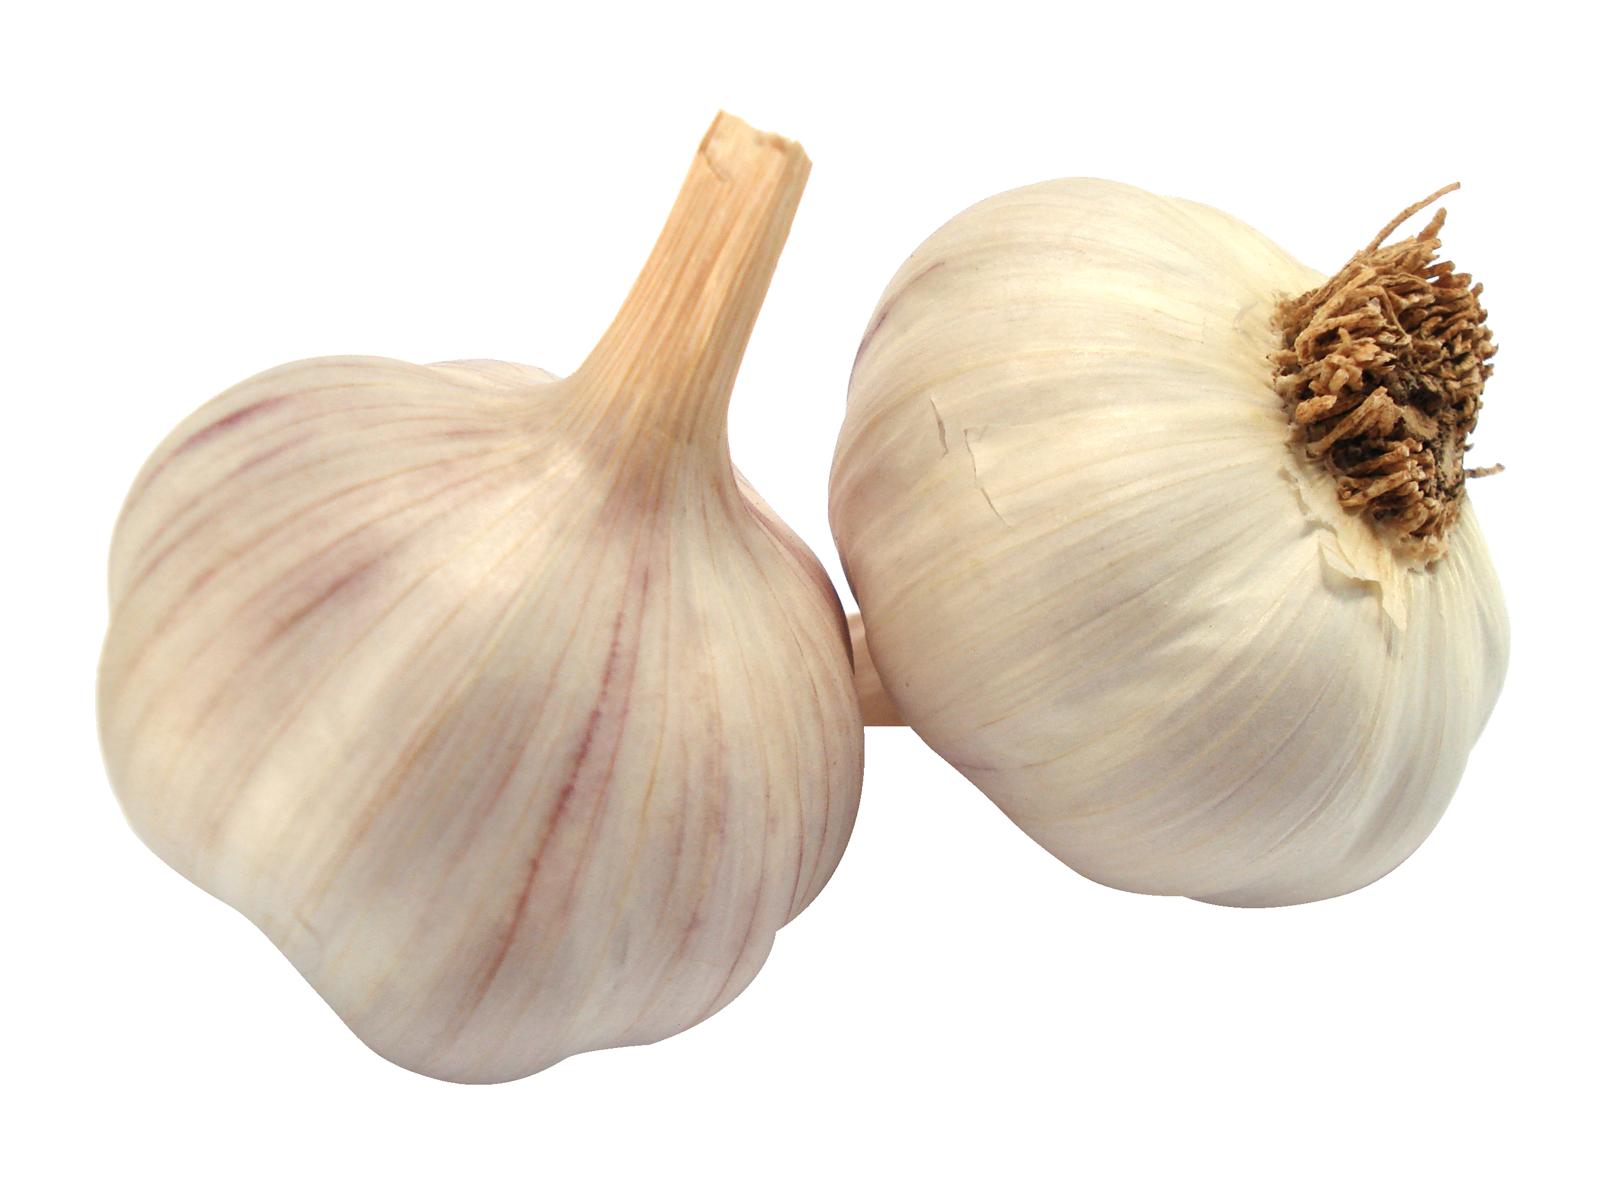 Garlic clipart shallot. Png image purepng free